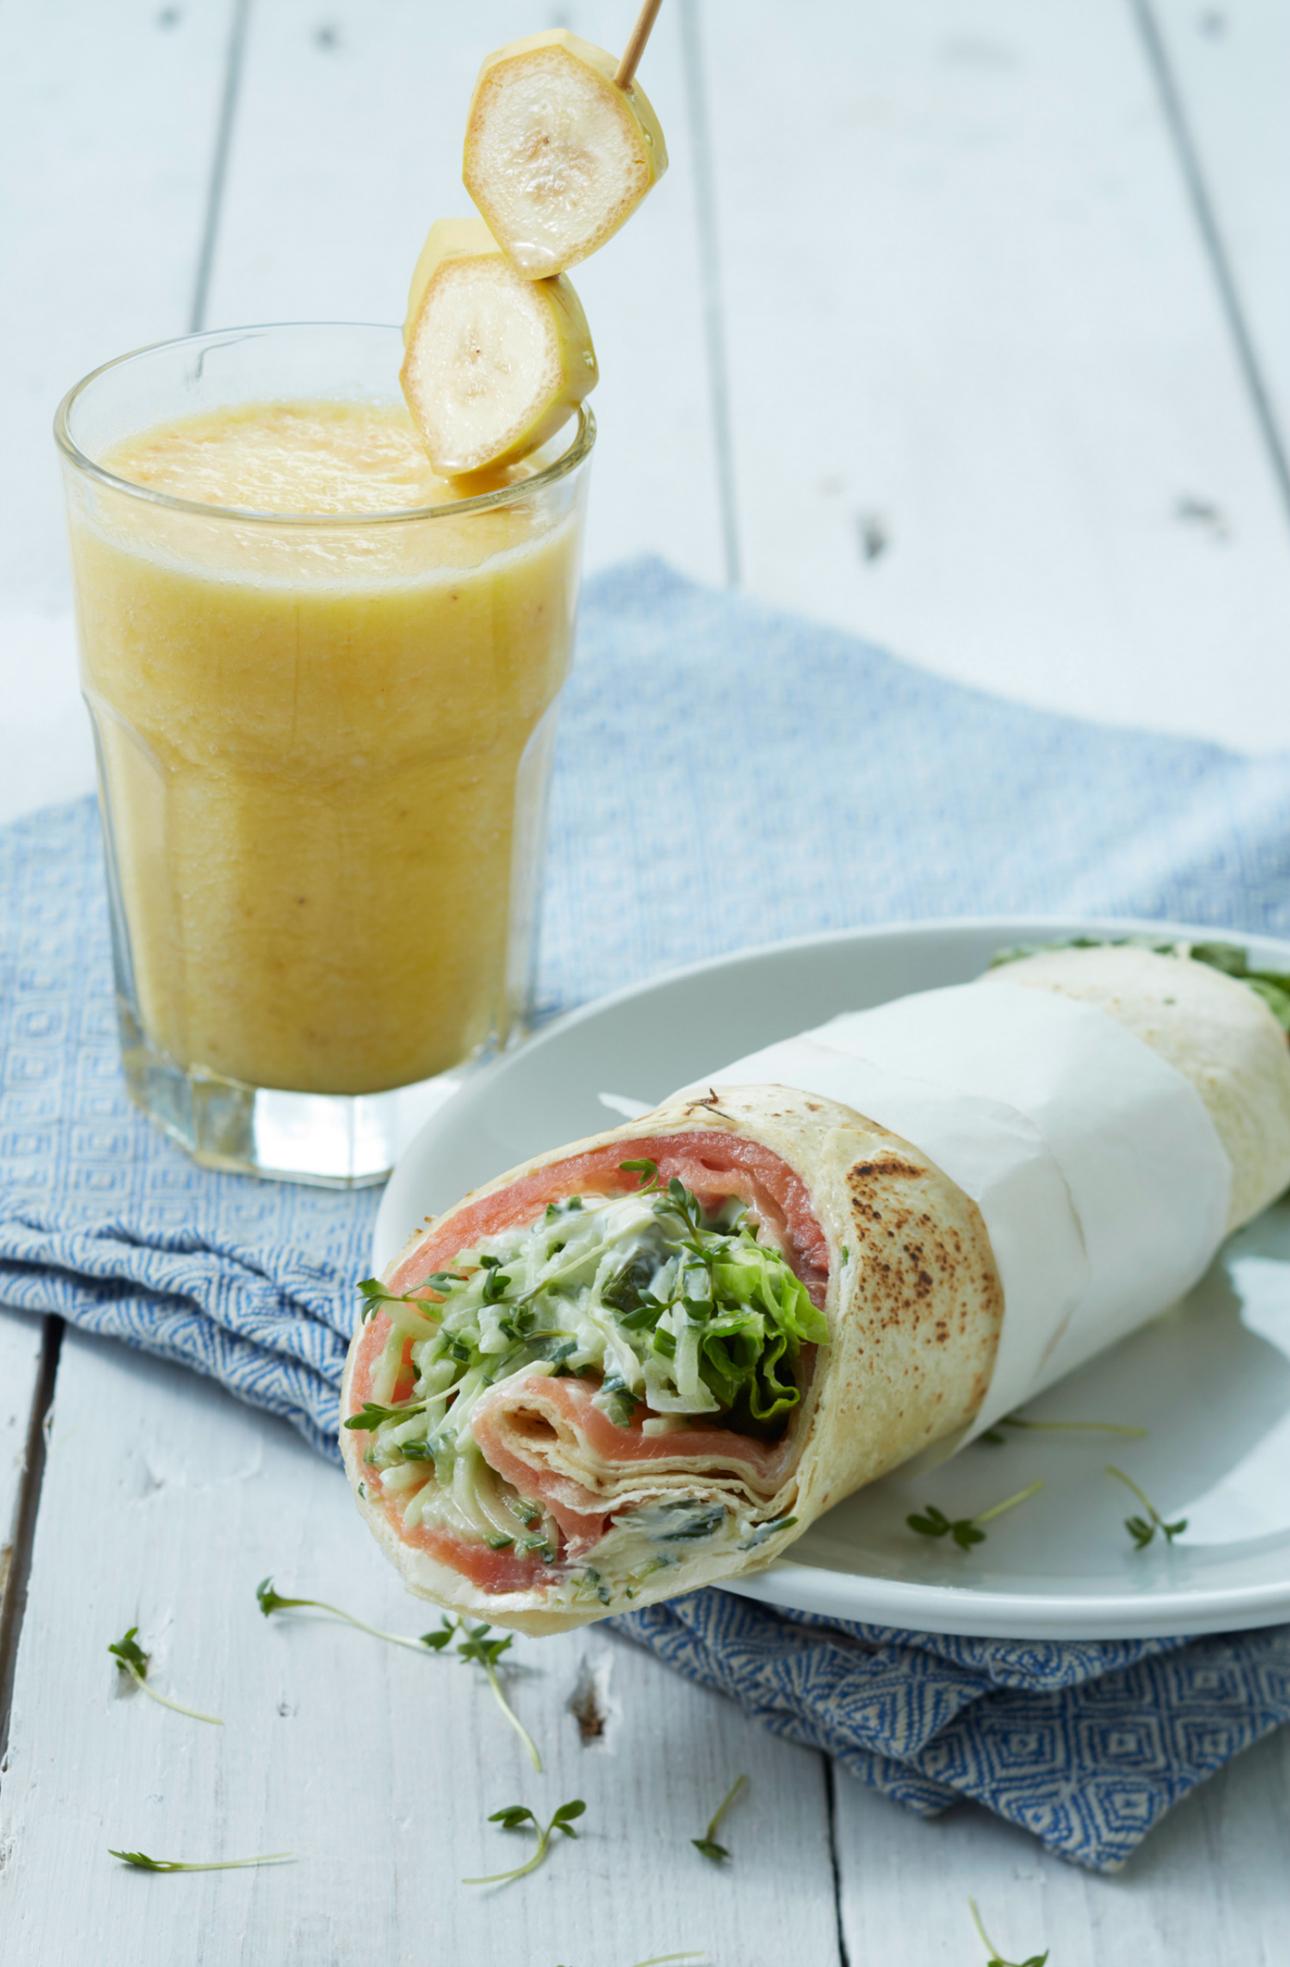 gezonde snacks voor onderweg - wrap met verse smoothie - vakantie kinderen